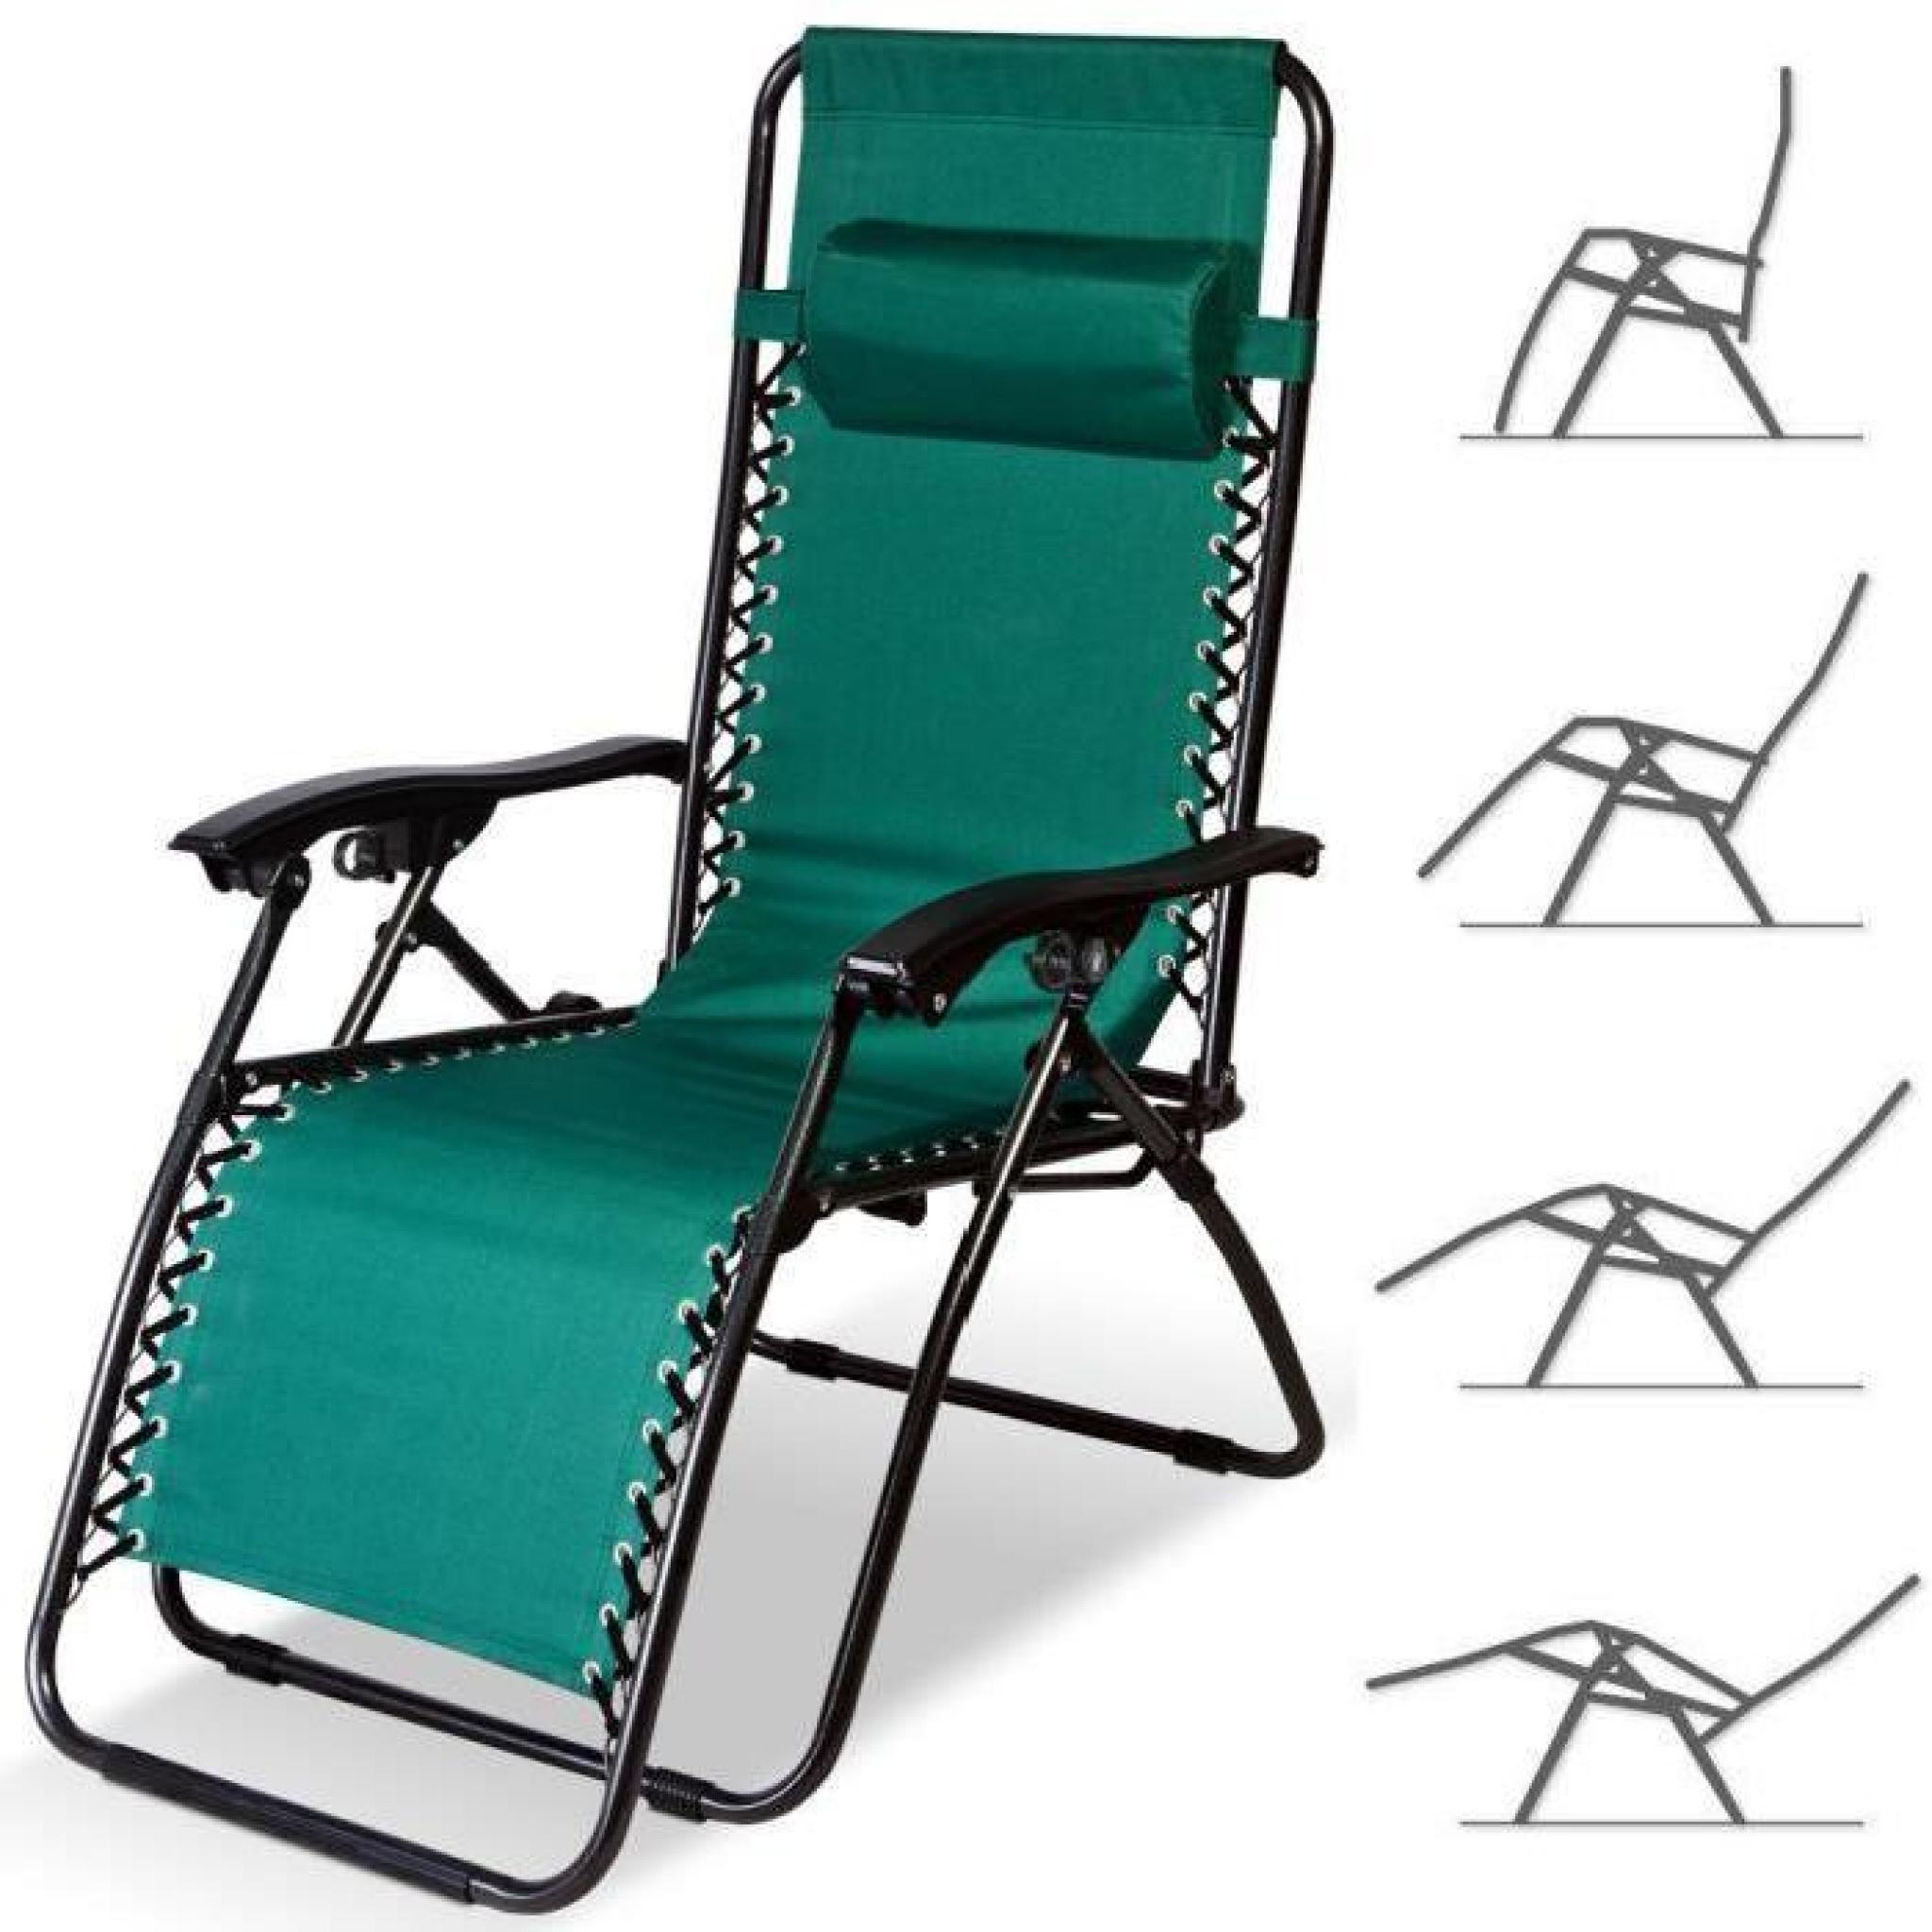 Chaise Longue De Jardin Pliable - Chaise Pliable De Camping - Transat  Terrasse intérieur Chaise Longue Jardin Pas Cher